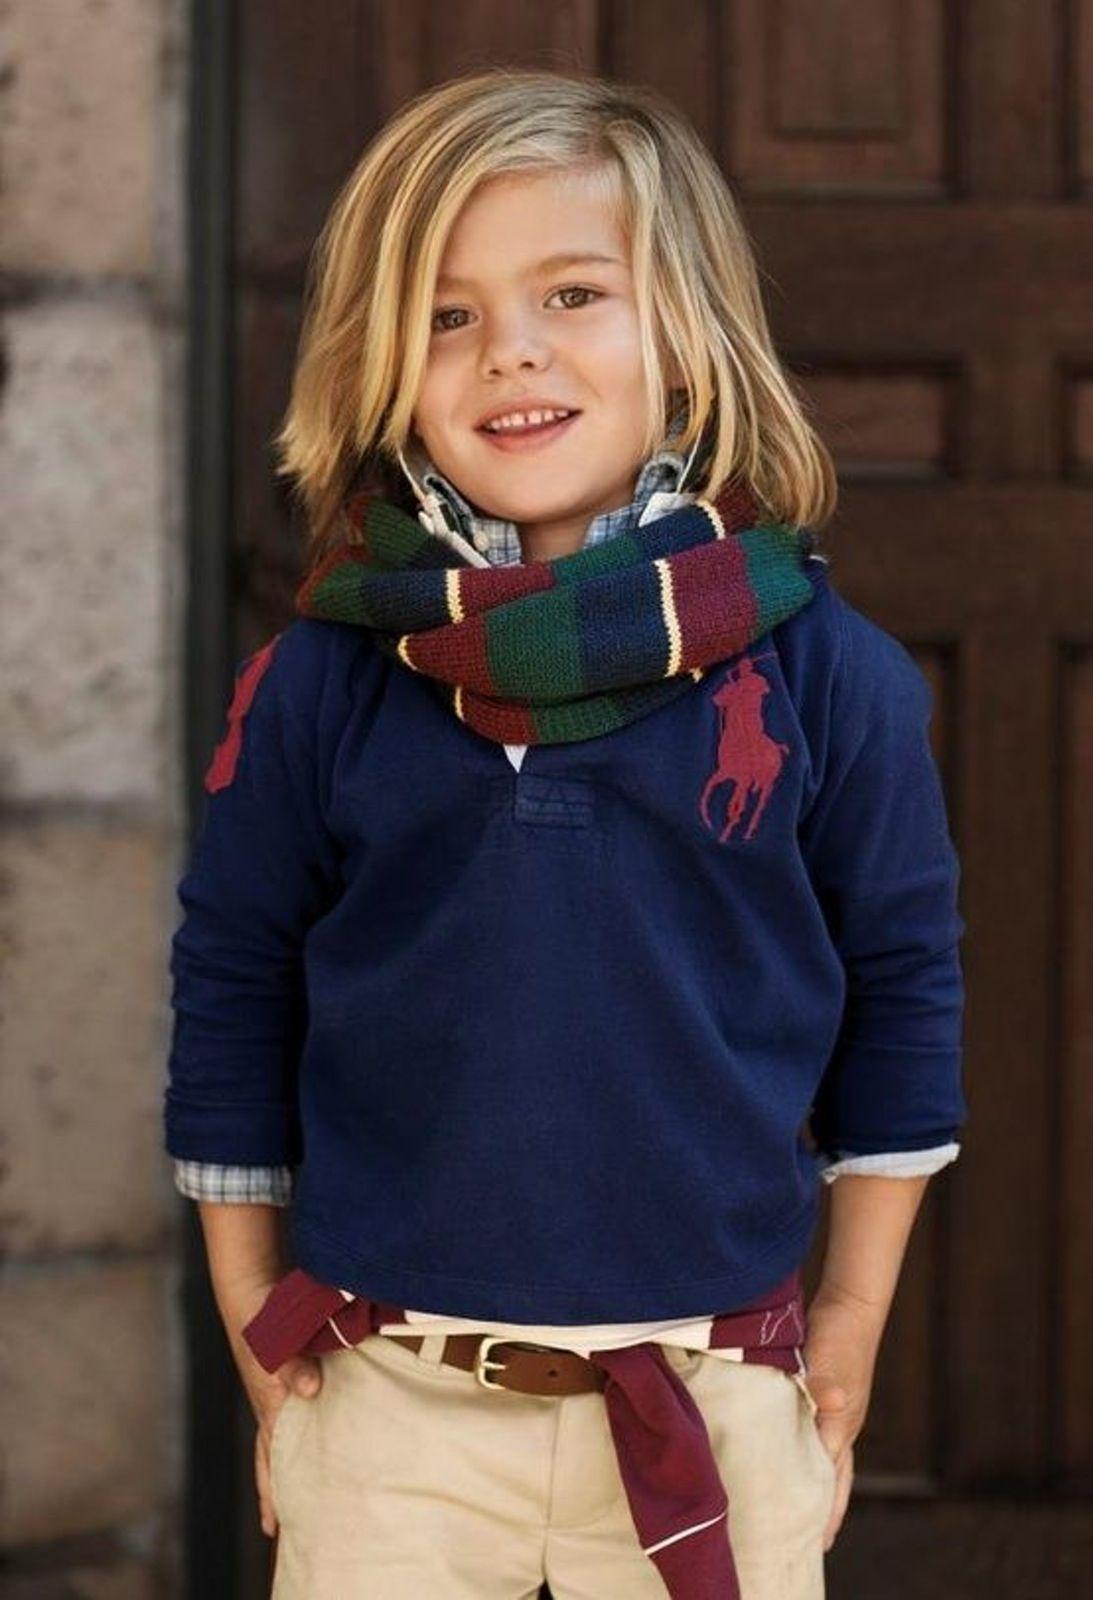 Coiffure garçon : idées de coupes pour cheveux longs | Style de garçons, Mode pour petits ...